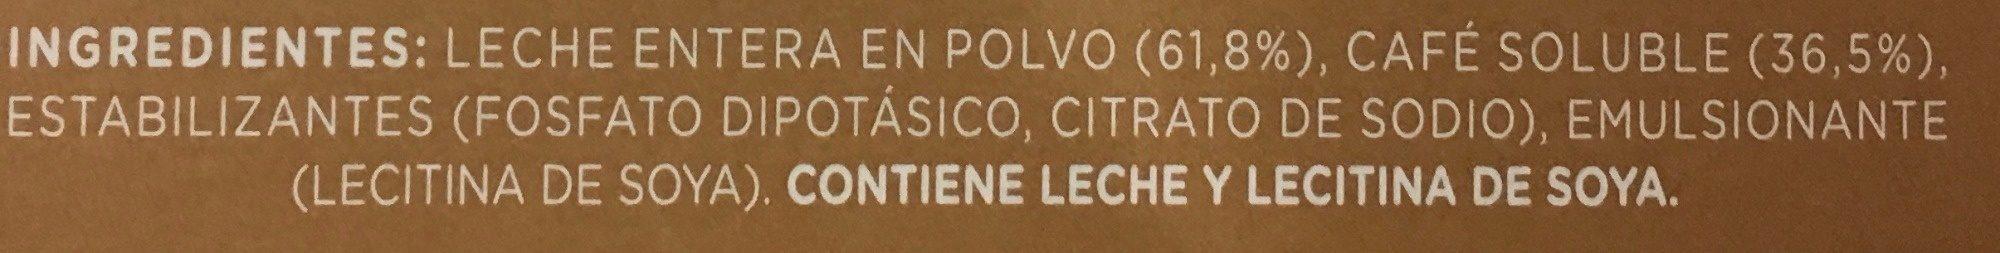 Dolce Gusto cortado espresso macchiato - Ingredientes - es